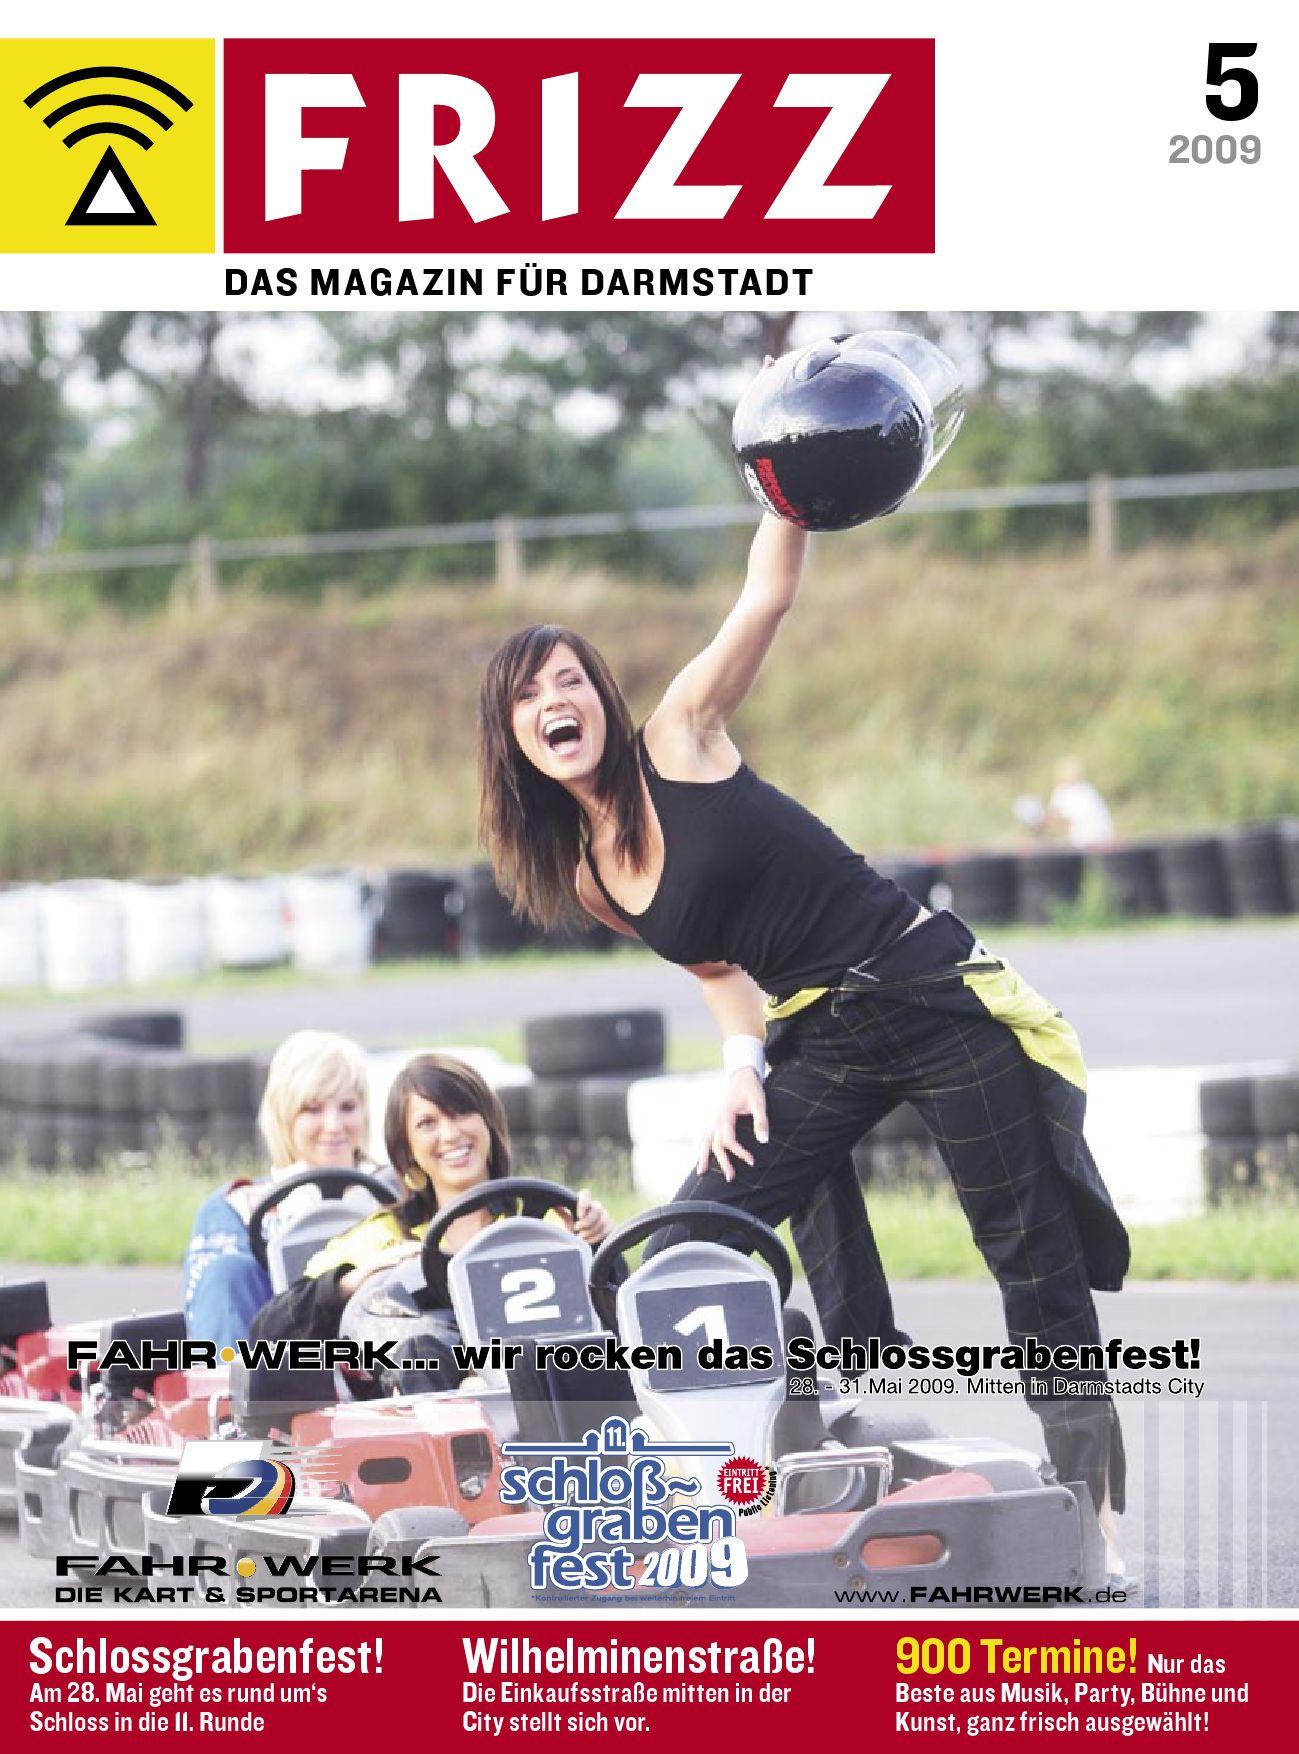 FRIZZ Das Magazin für Darmstadt 05 09 by FRIZZ Media & Marketing Darmstadt issuu